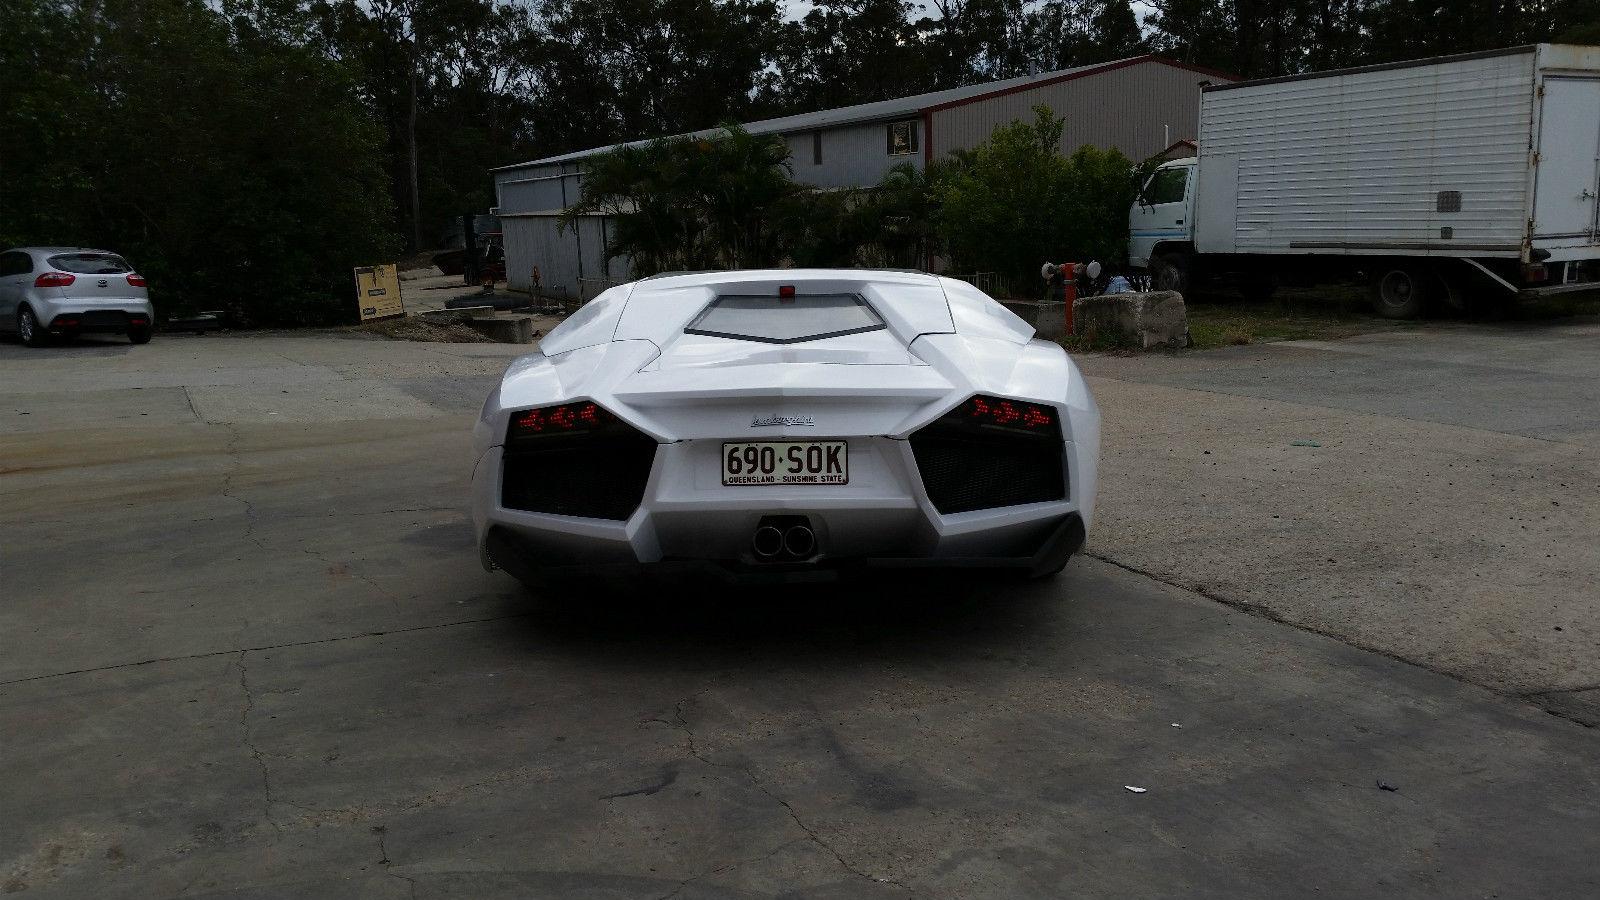 Lamborghini Veneno For Sale >> Awful Lamborghini Reventon Replica Fetches $28,000 Bid on ...